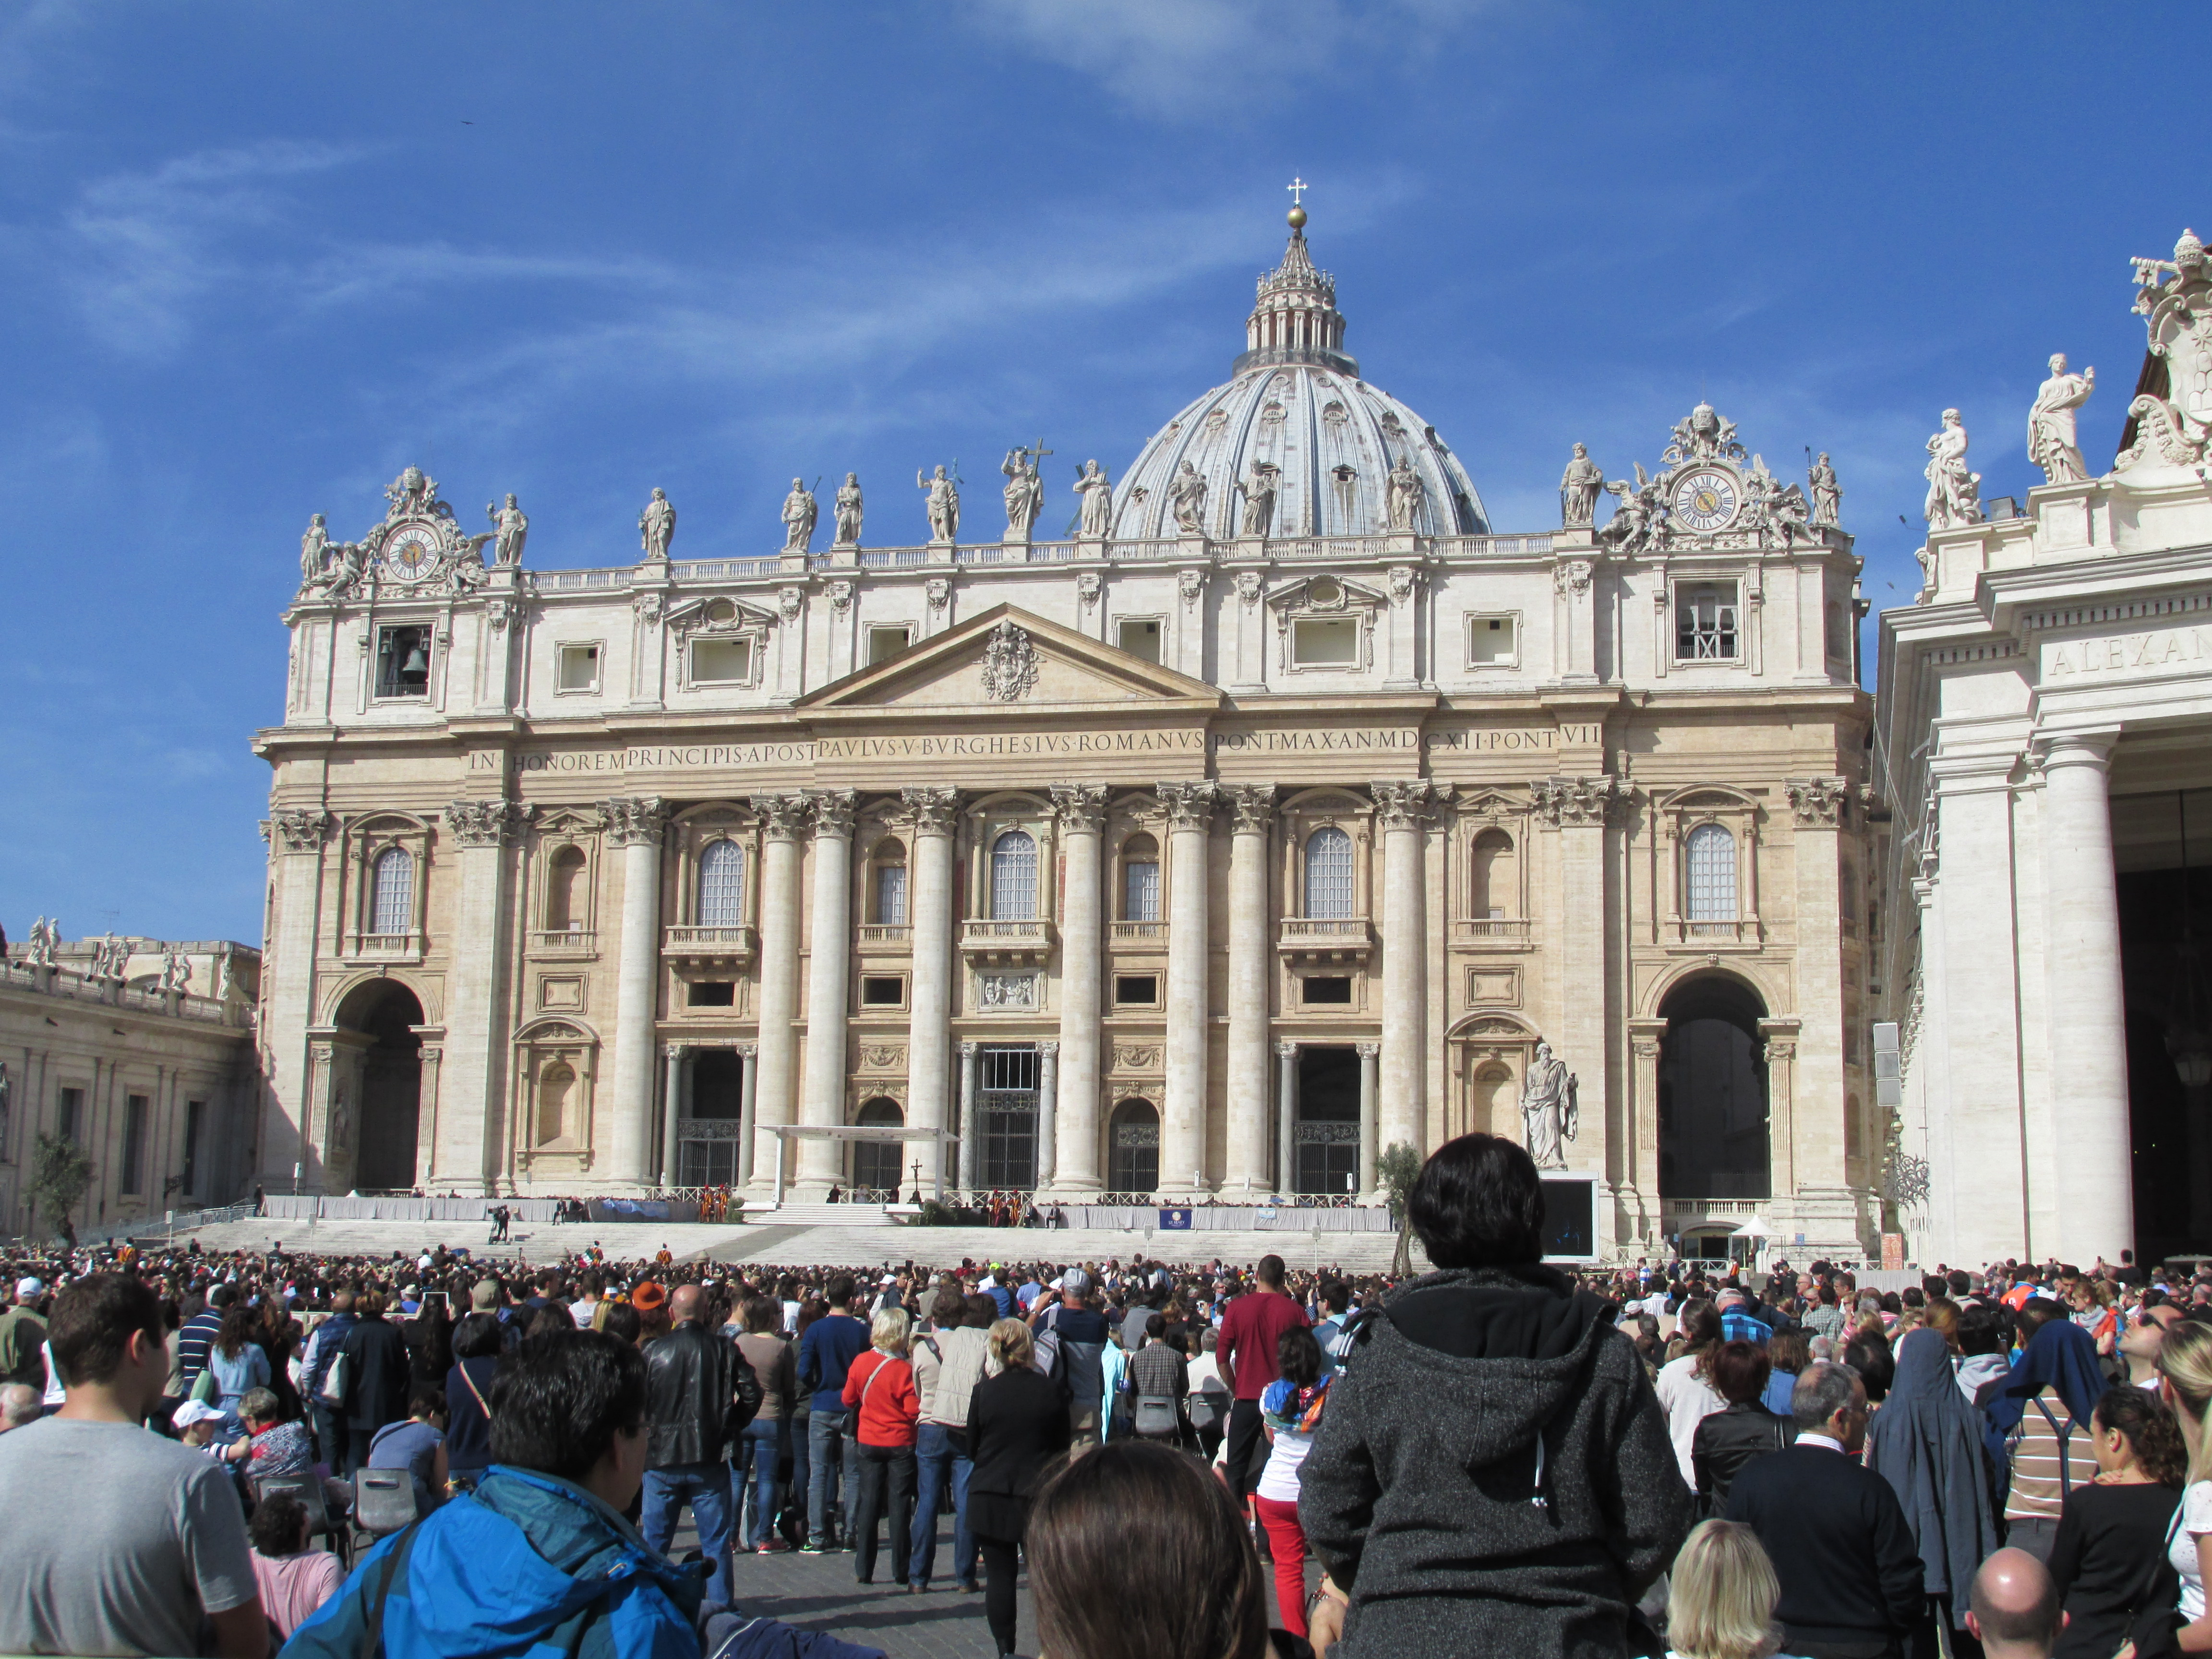 IMG 2522 - Consejos para visitar el Vaticano